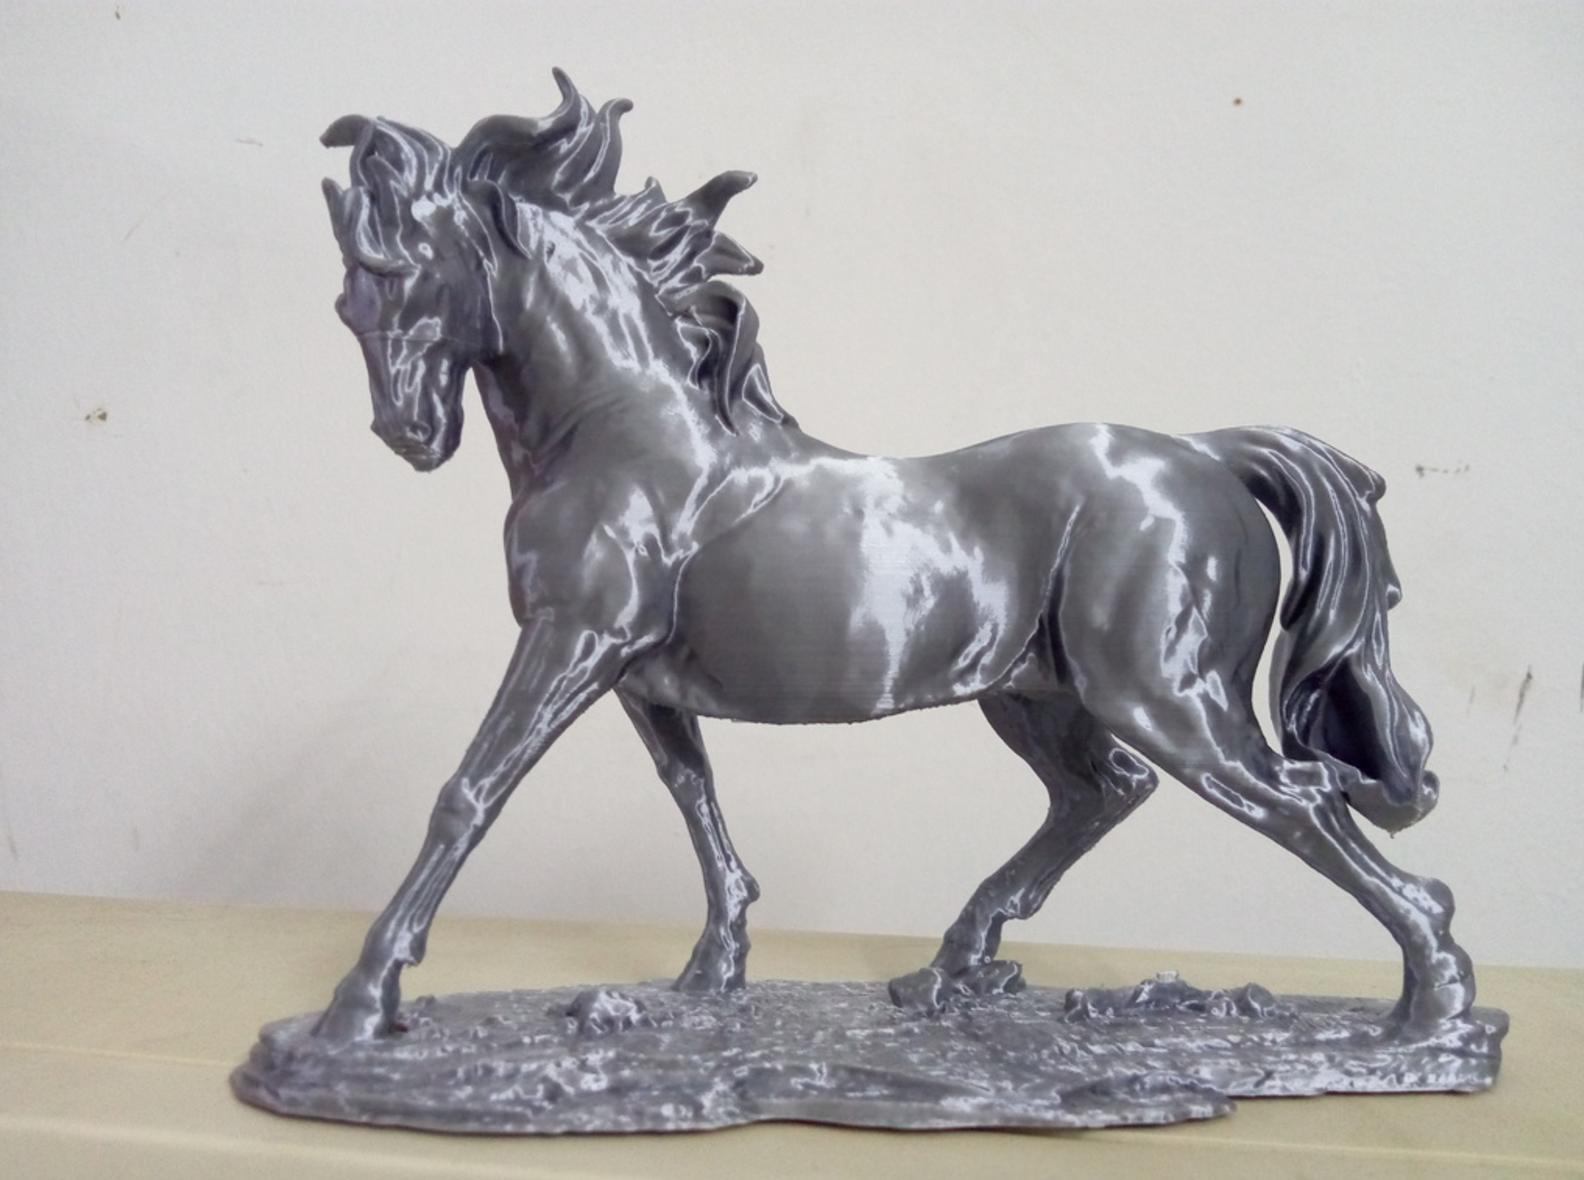 Horse 3D printing1.png Télécharger fichier STL gratuit Cheval • Modèle à imprimer en 3D, stronghero3d